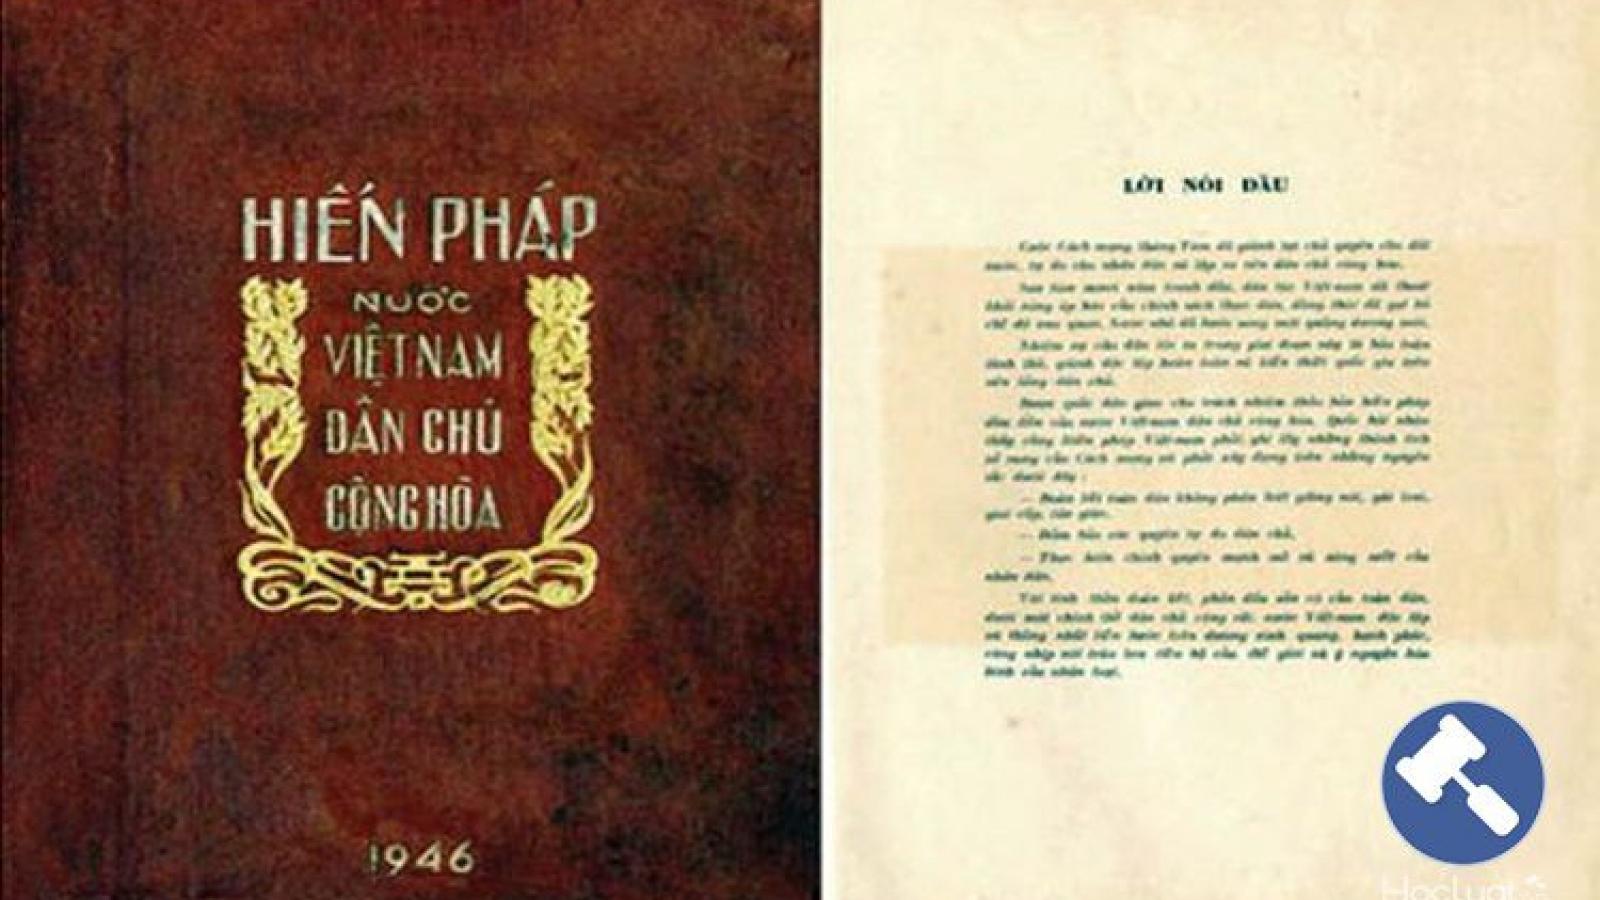 Hiến pháp năm 1946: Bản Hiến pháp dân chủ, tiến bộ